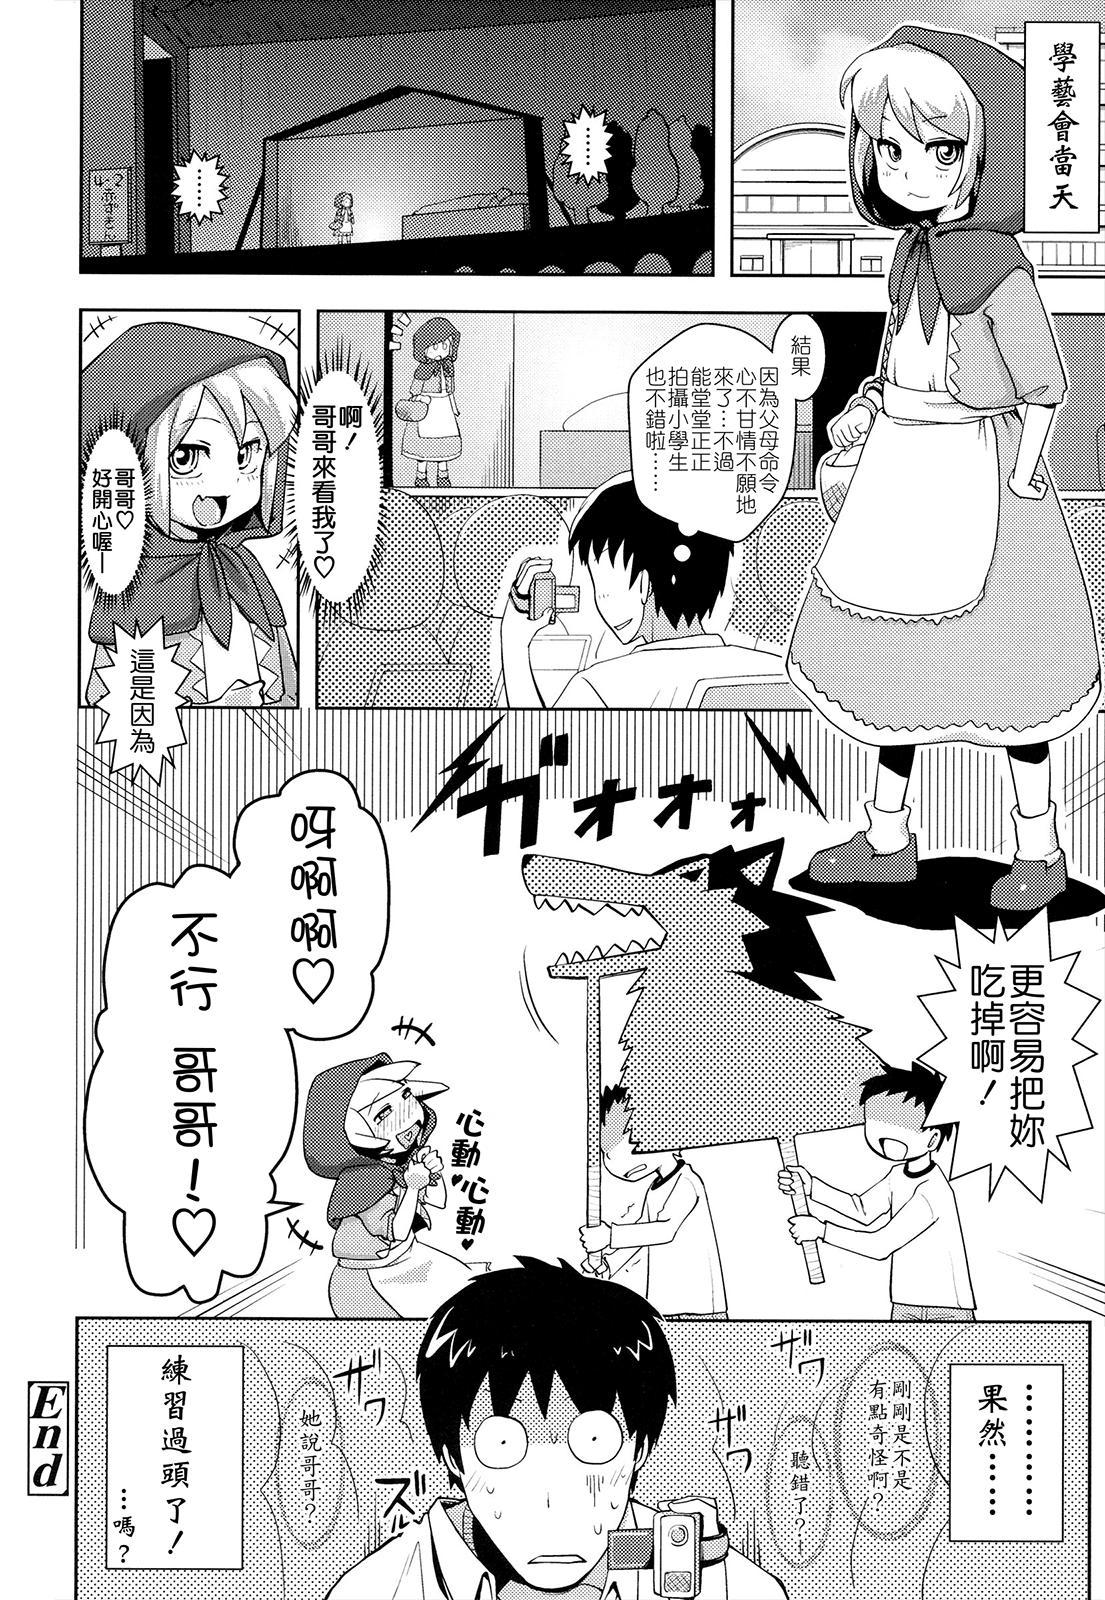 Oni-chan no Suki Ni Site!? 145